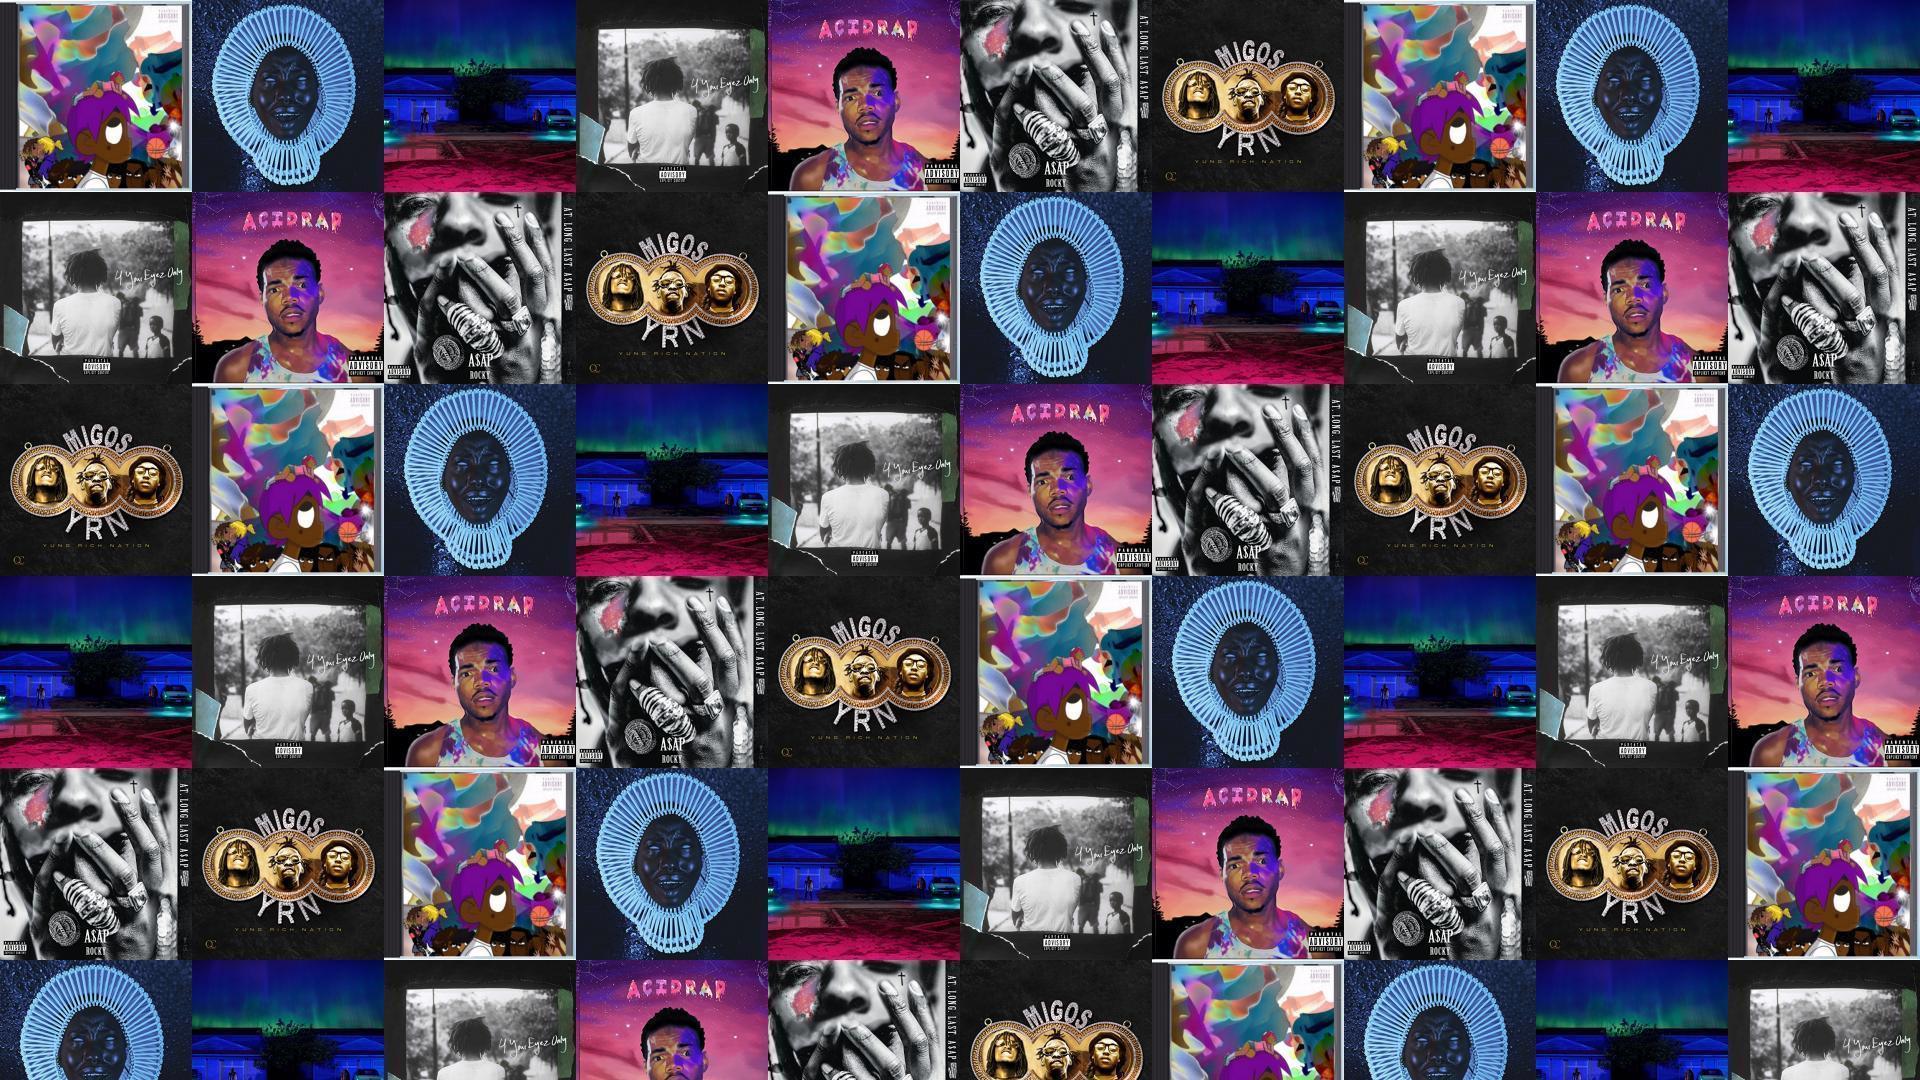 Lil Uzi Vert Album Cover Computer Wallpapers - Wallpaper Cave